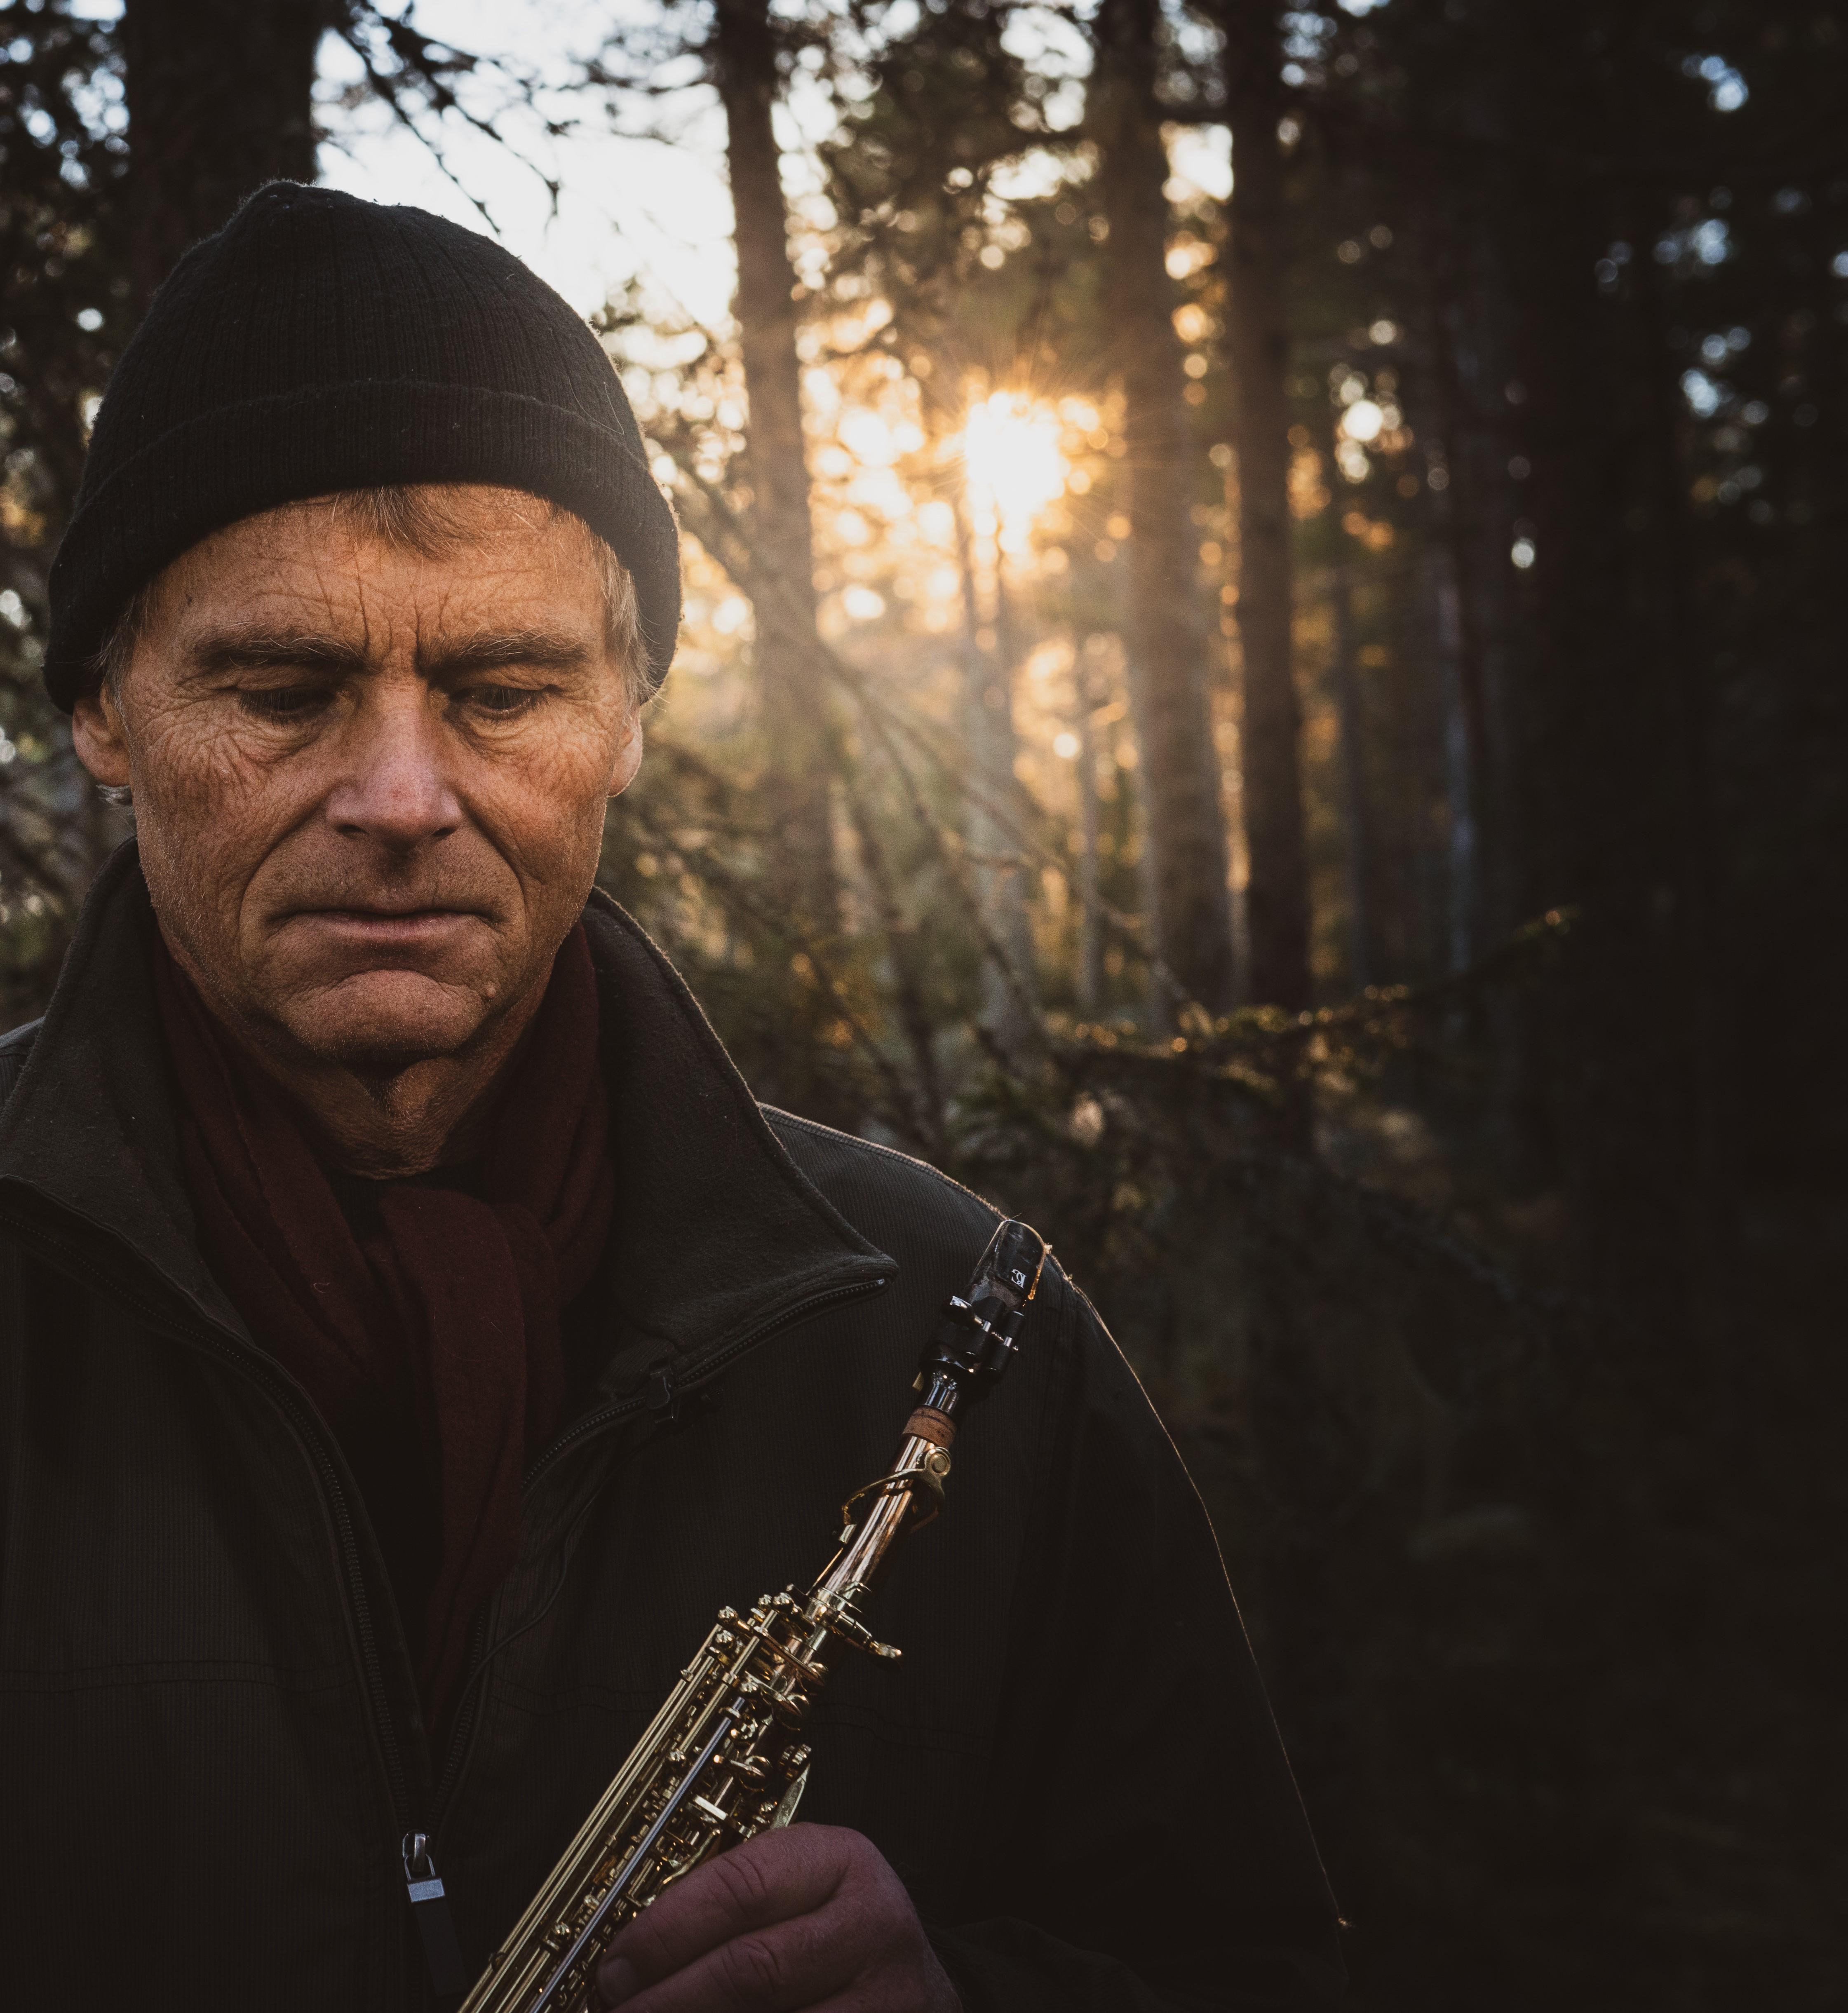 Erik_Winqvist-1 foto Edward Beskow (2)